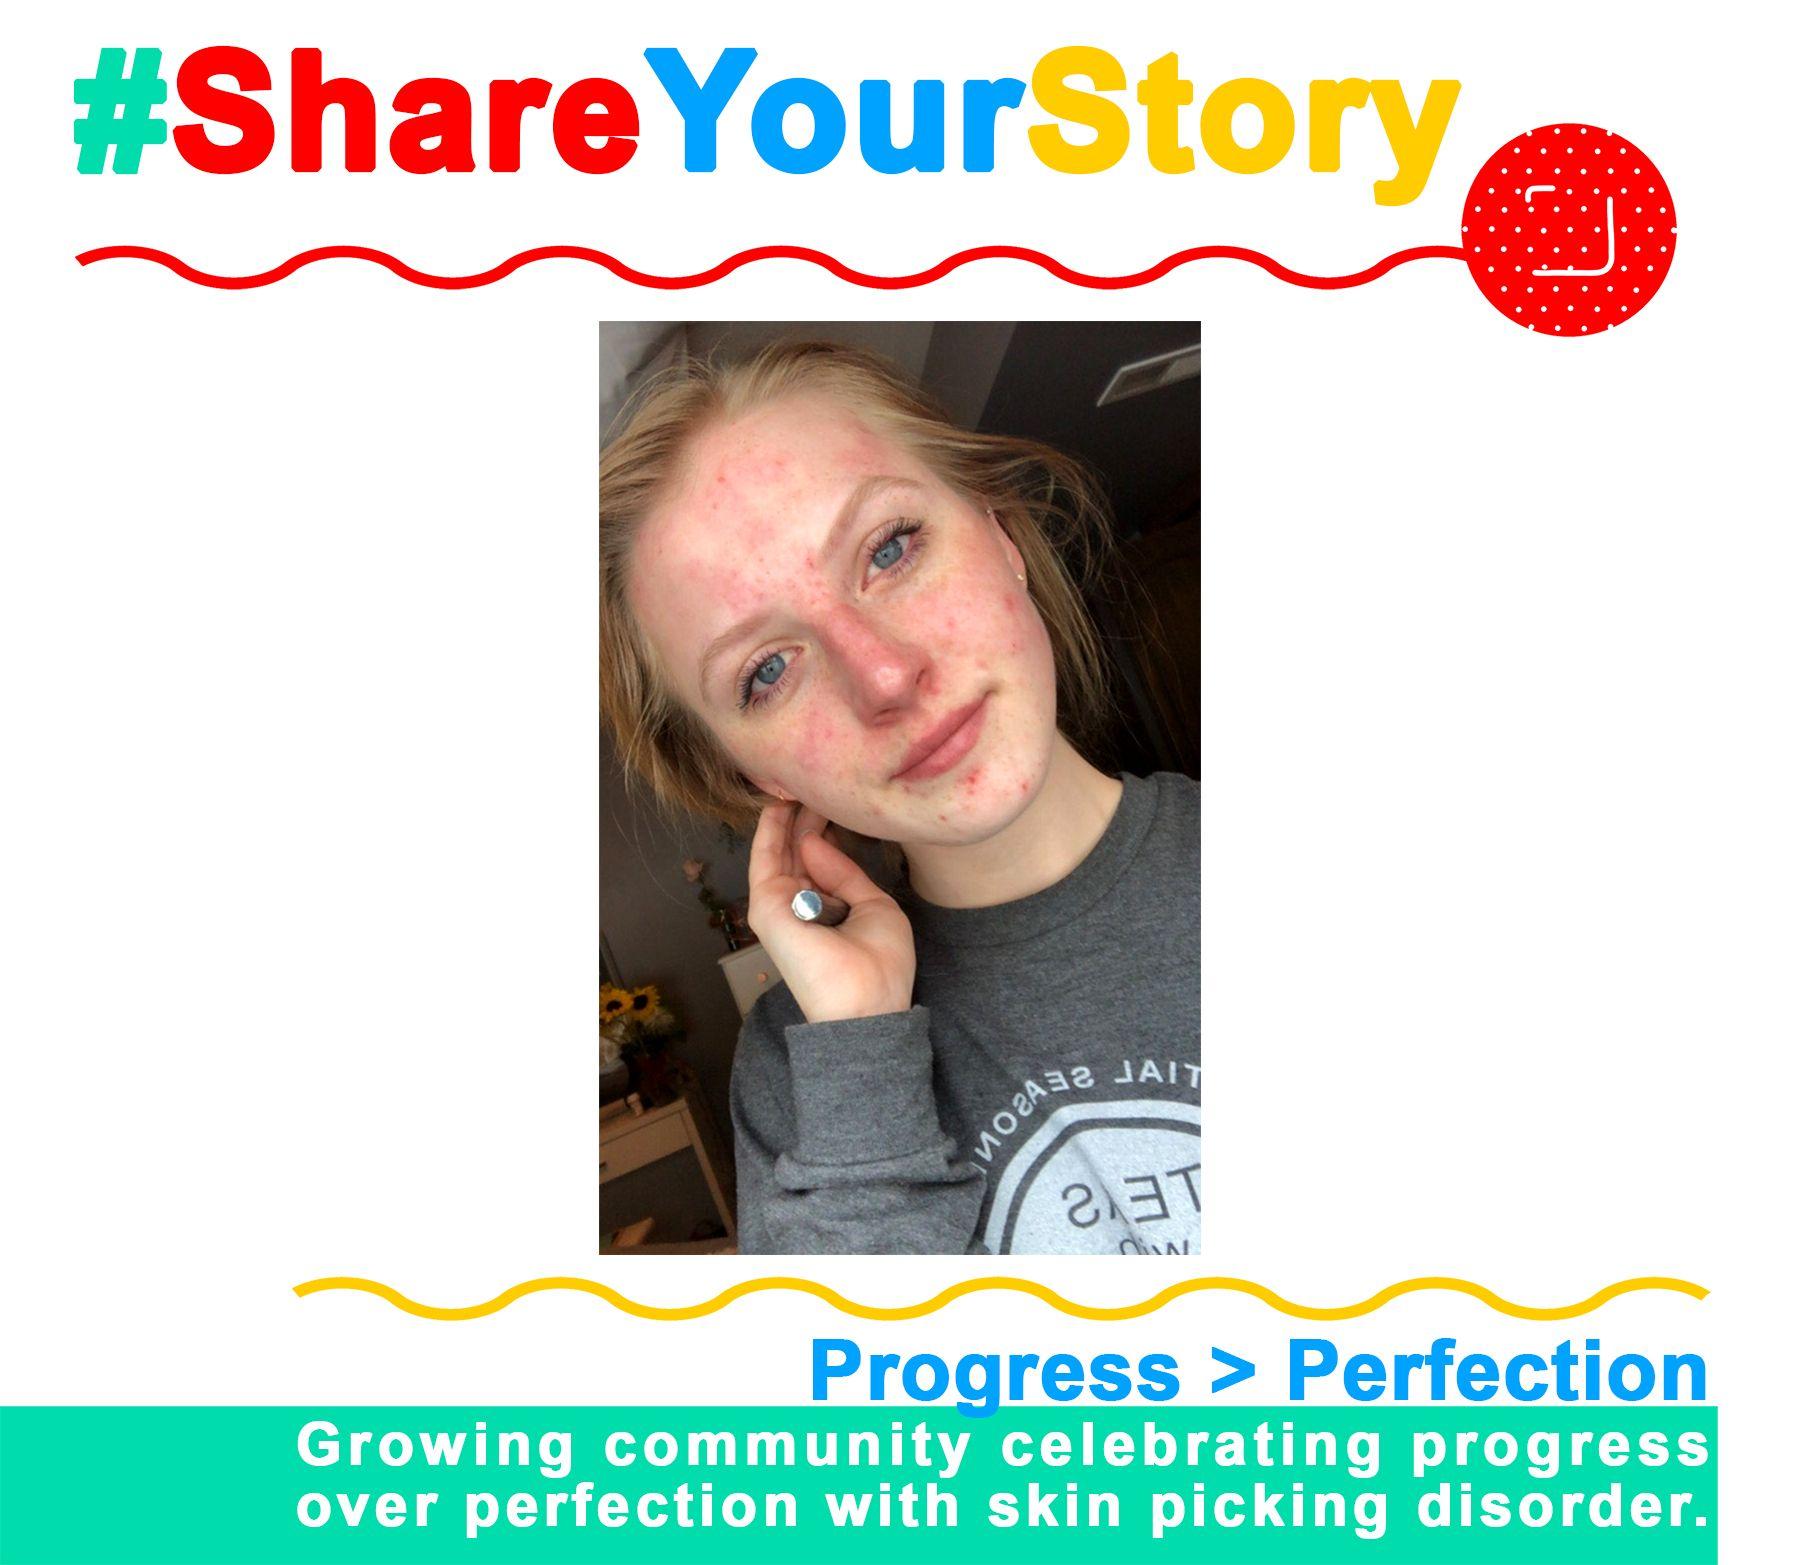 #ShareYourStory: Courtney